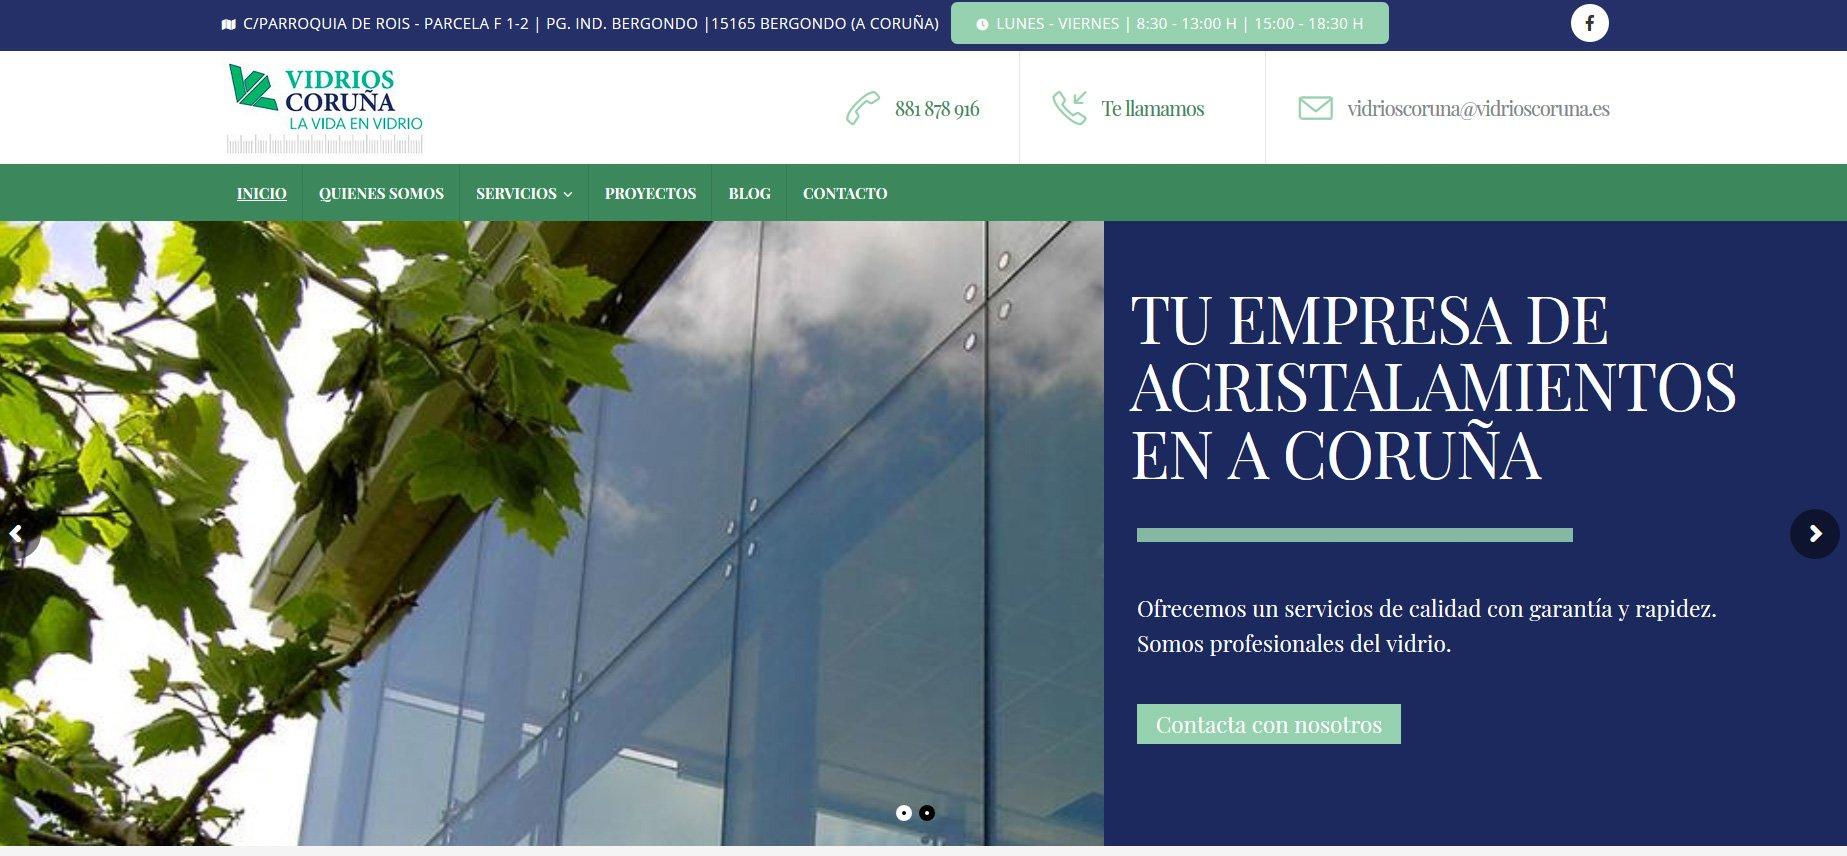 Nueva web de Vidrios Coruña